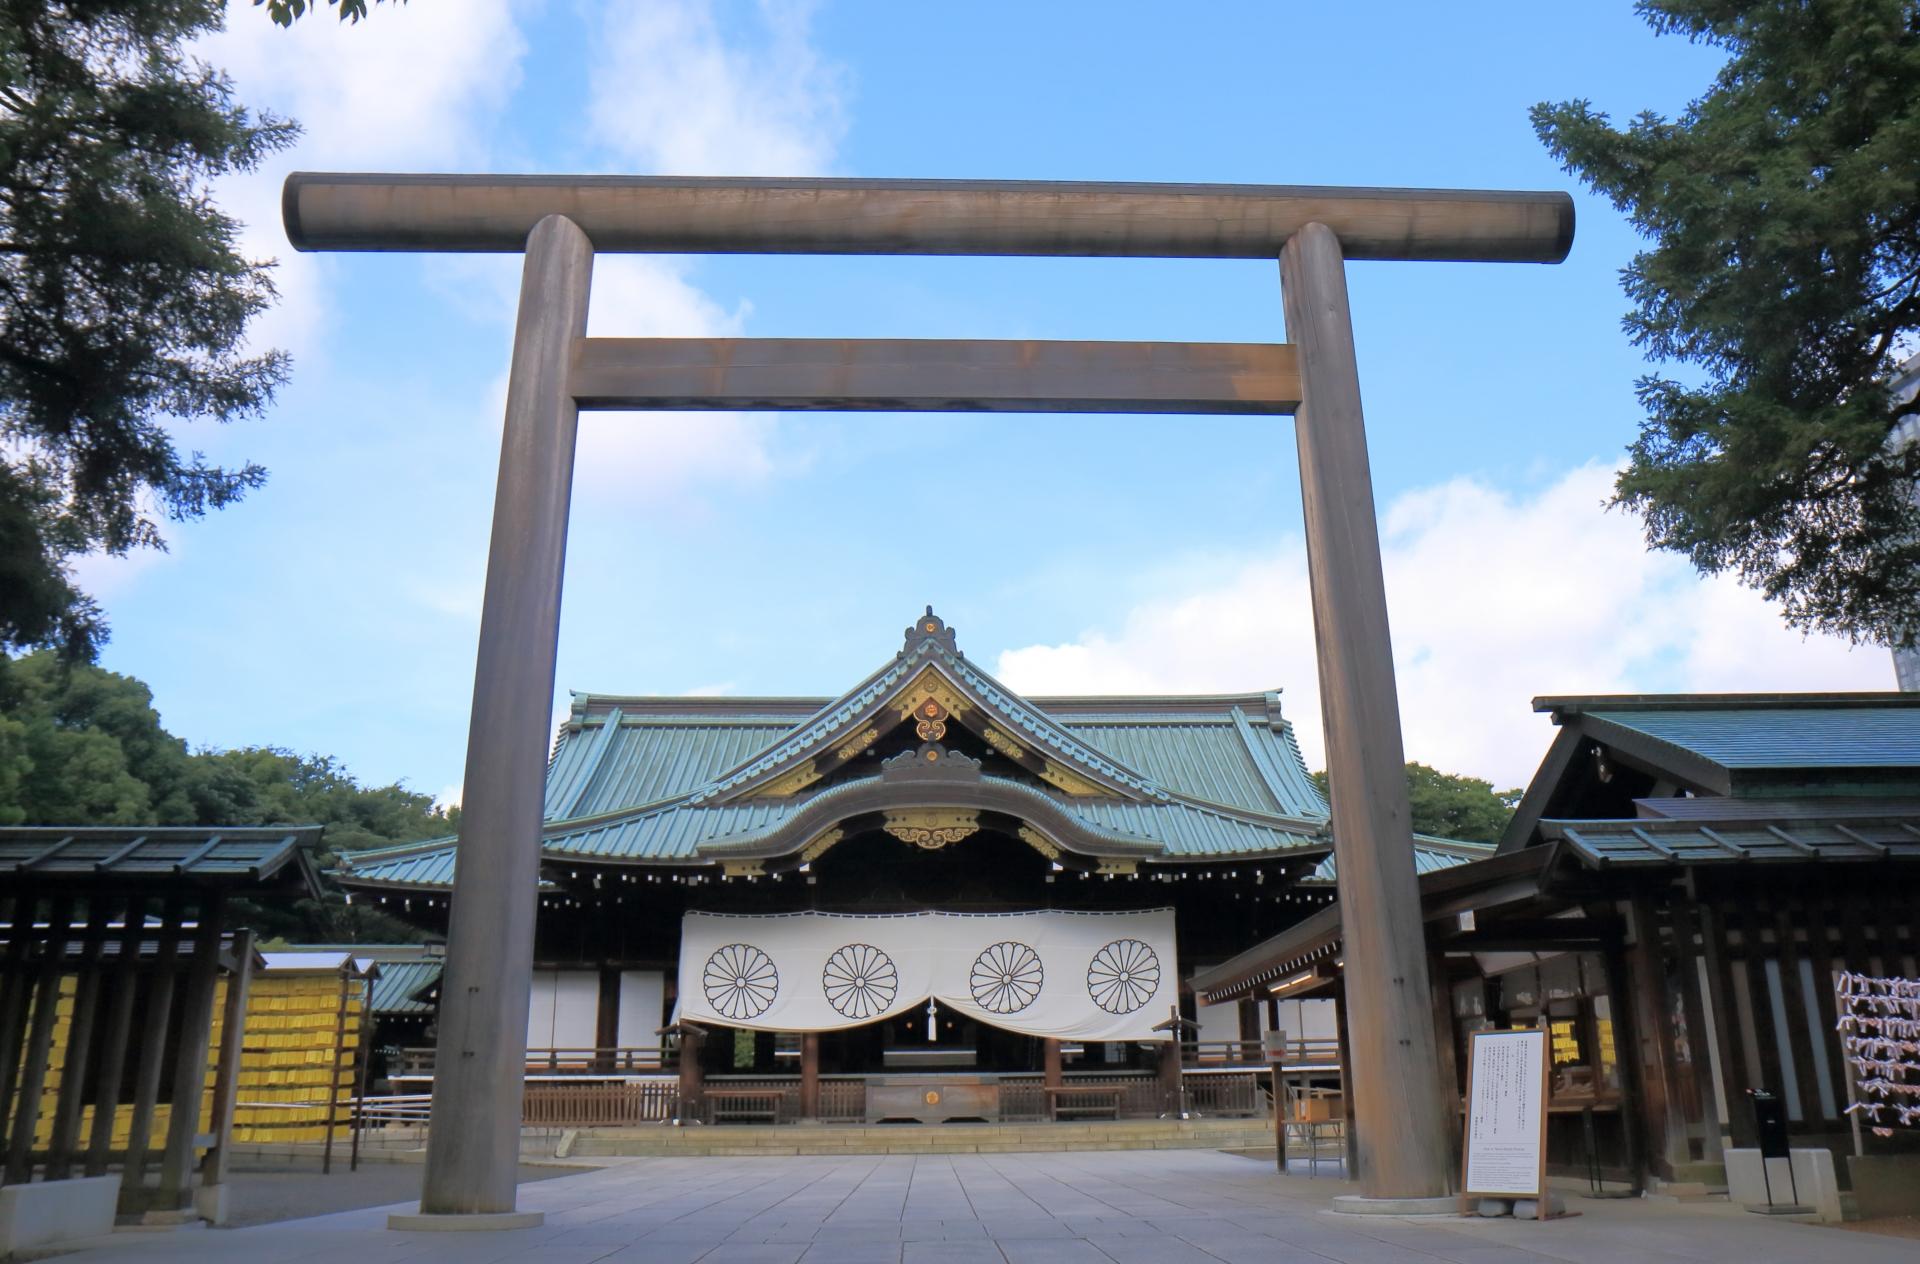 靖国神社の参拝は一般人でも可能?マナーや注意点を解説!